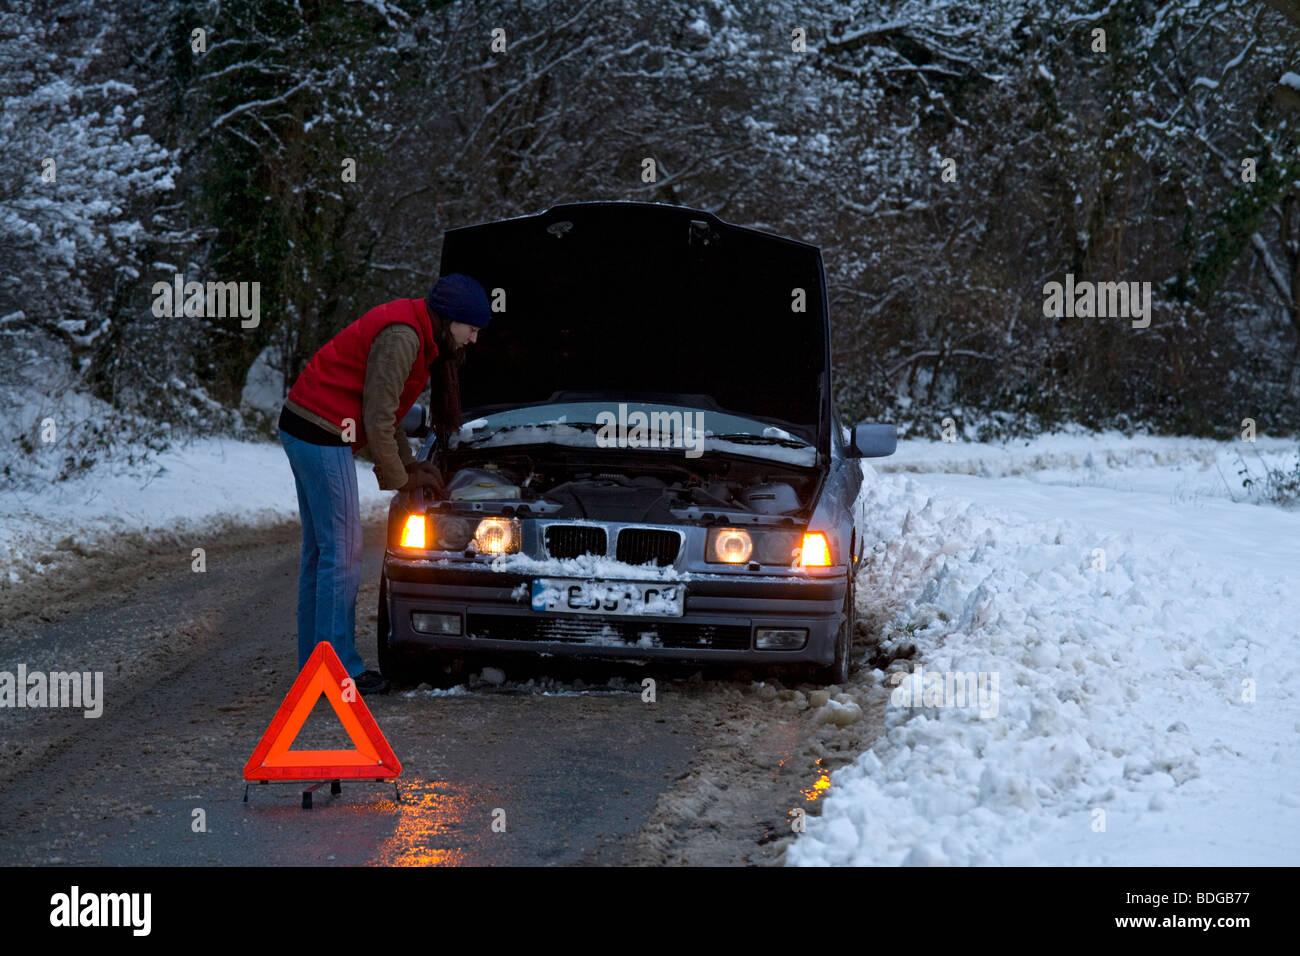 Las mujeres en su propio desglosado en la nieve, encallado intentando arreglarlo. Imagen De Stock